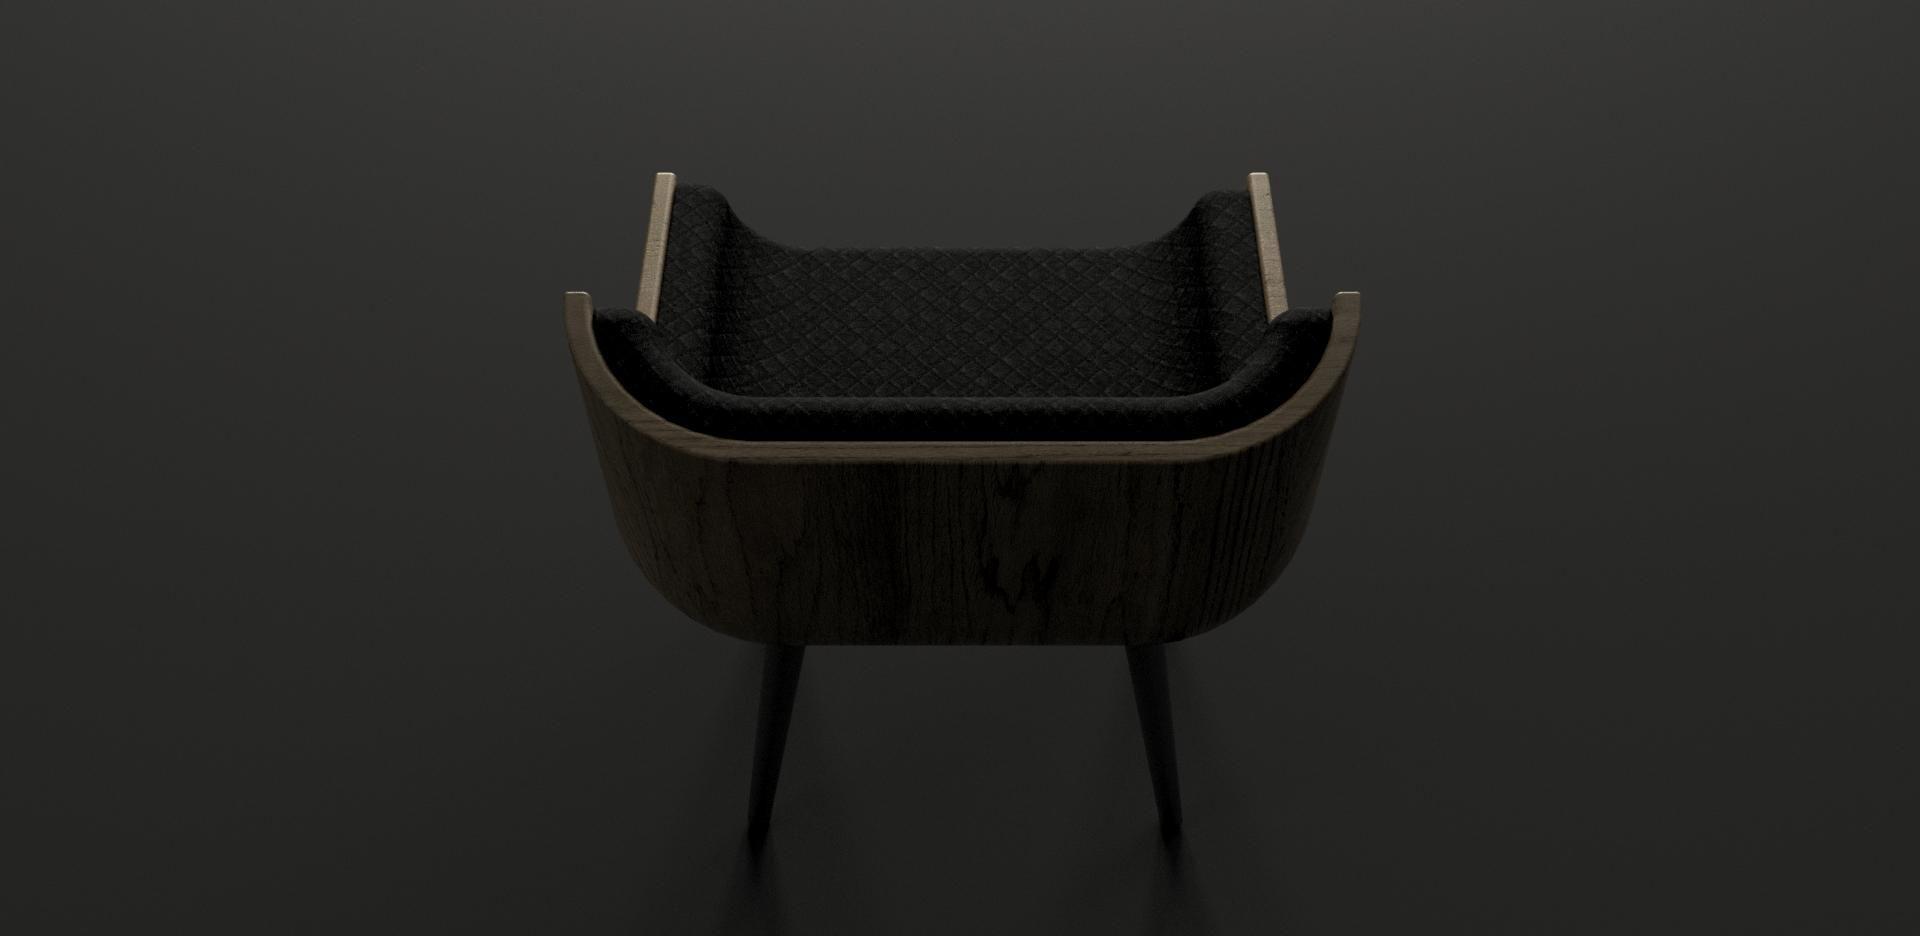 Silla-9-3500-3500